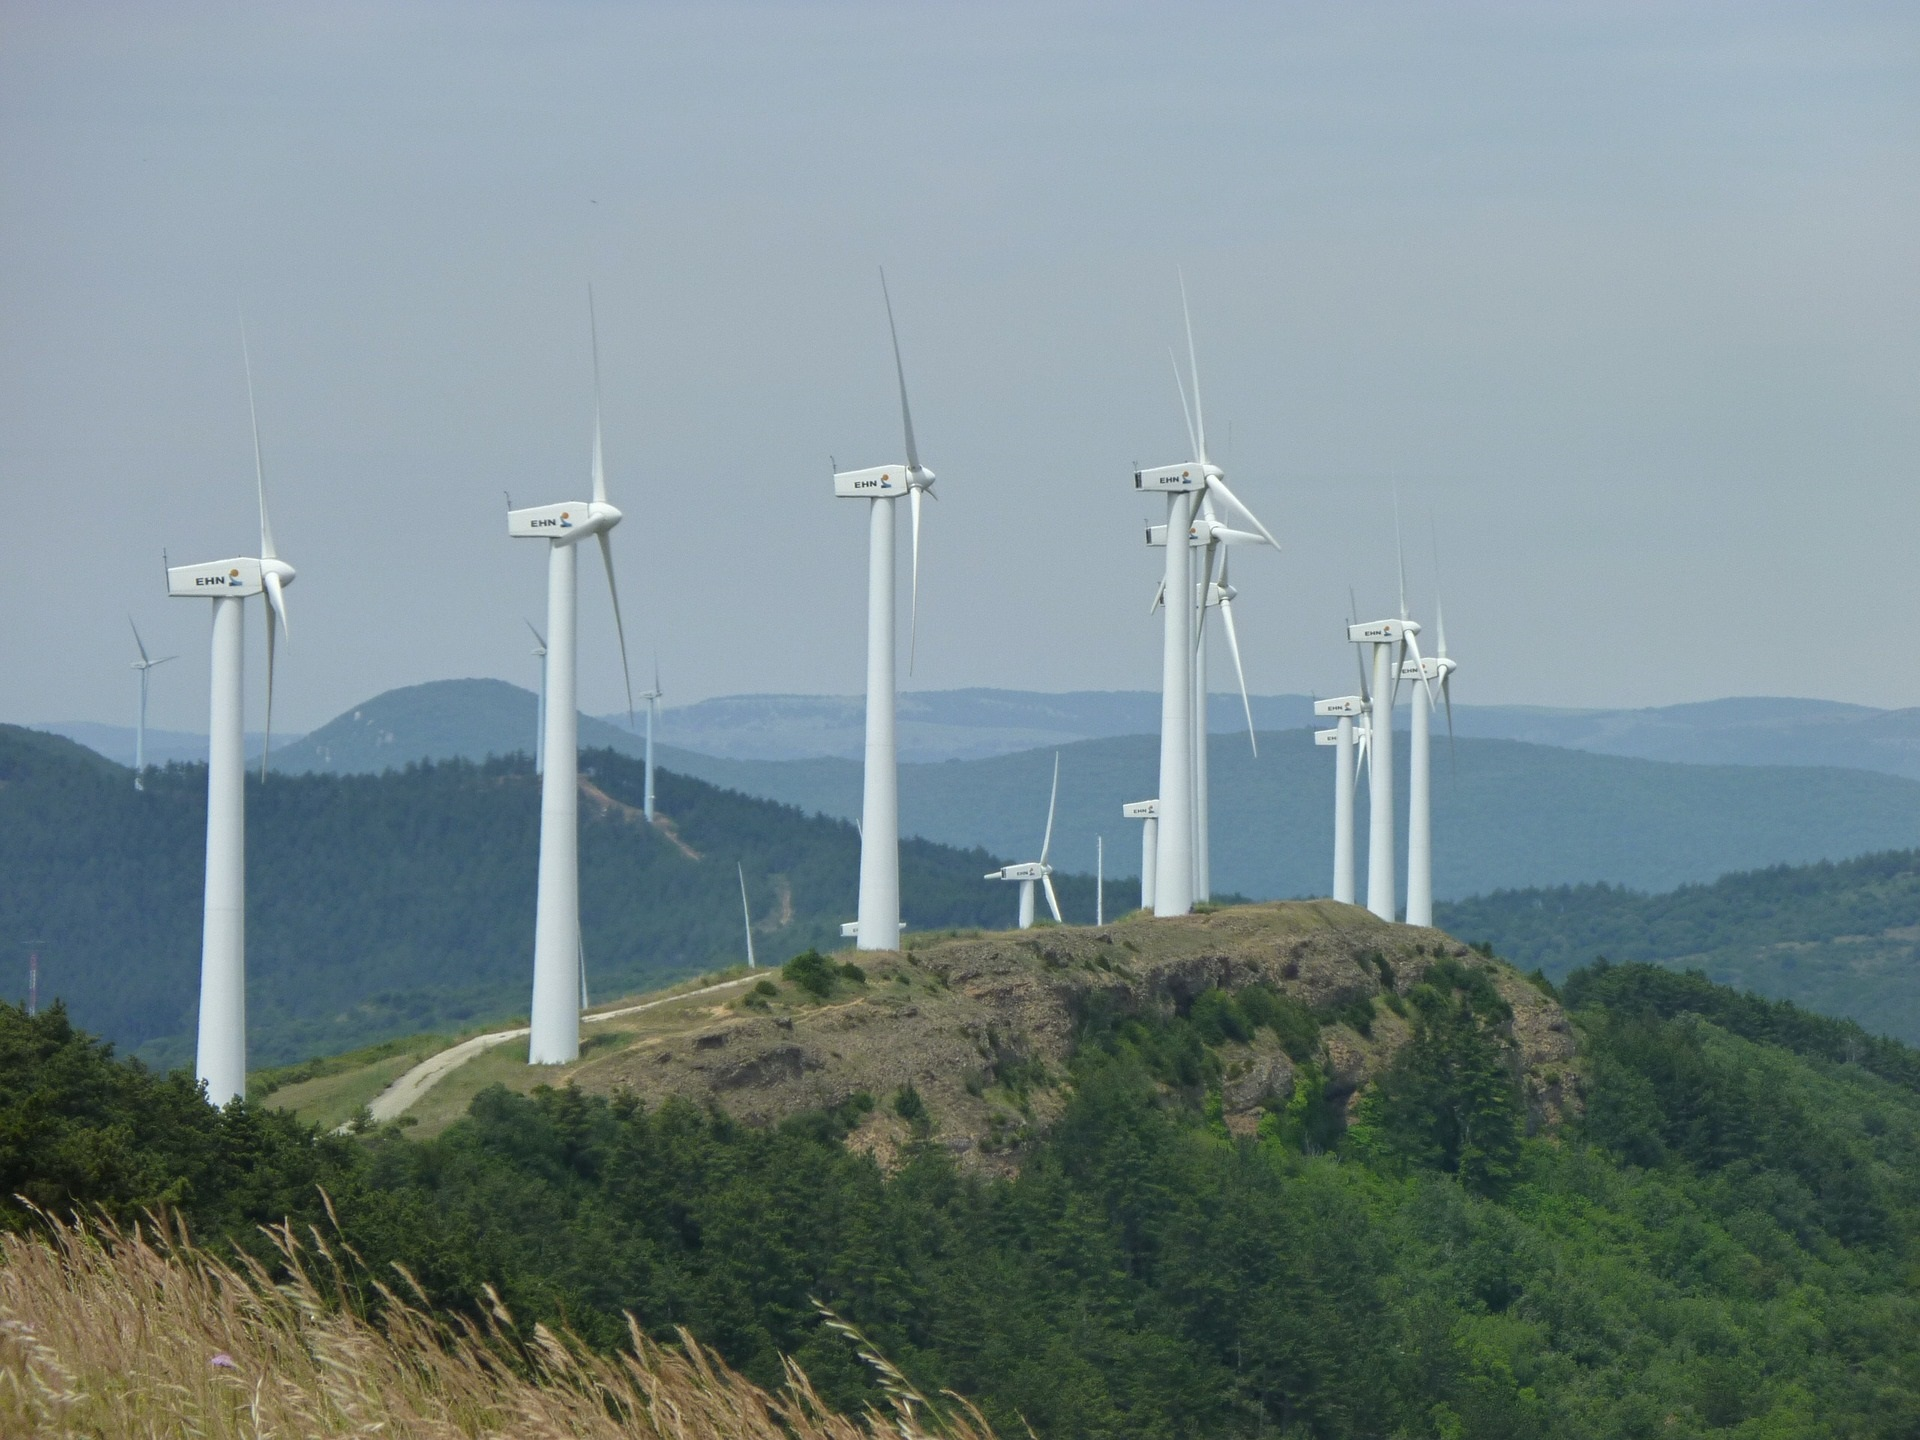 Vorwand Nationale Sicherheit: Einwände gegen Windräder sollen ausgehebelt werden!